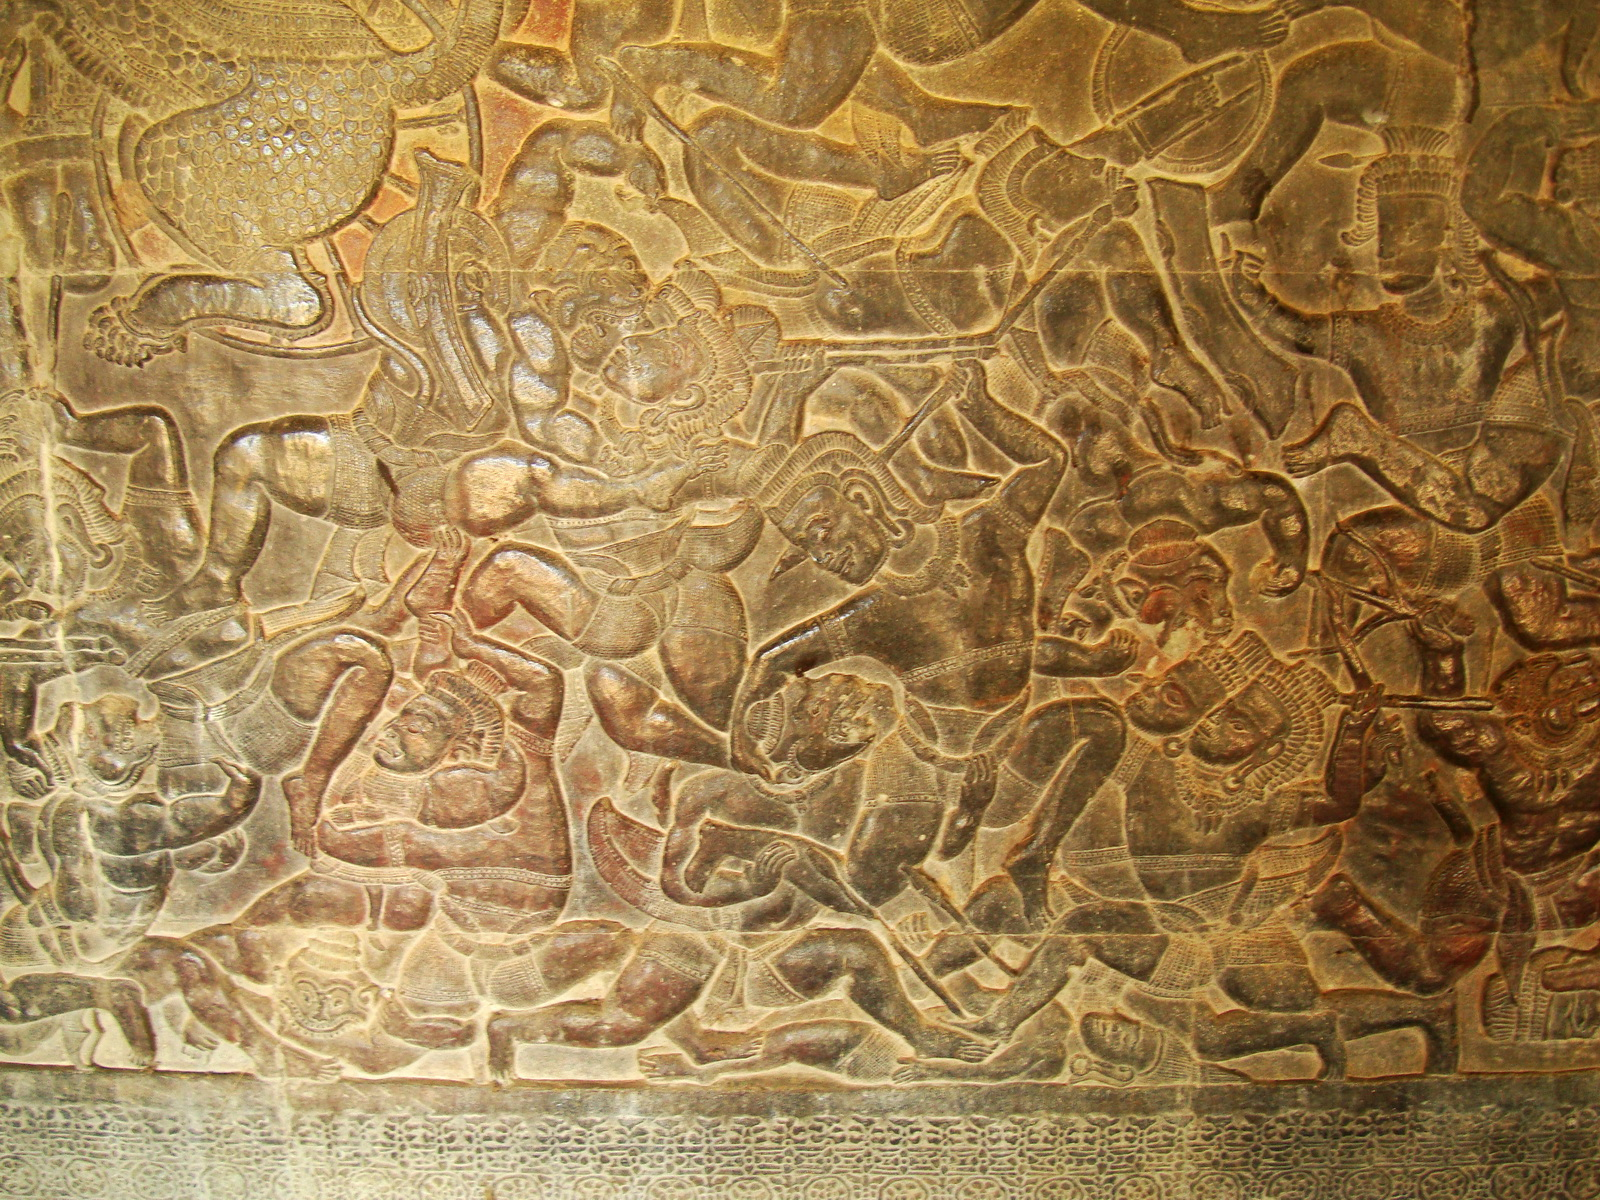 Angkor Wat Bas relief W Gallery N Wing Battle of Lanka 16